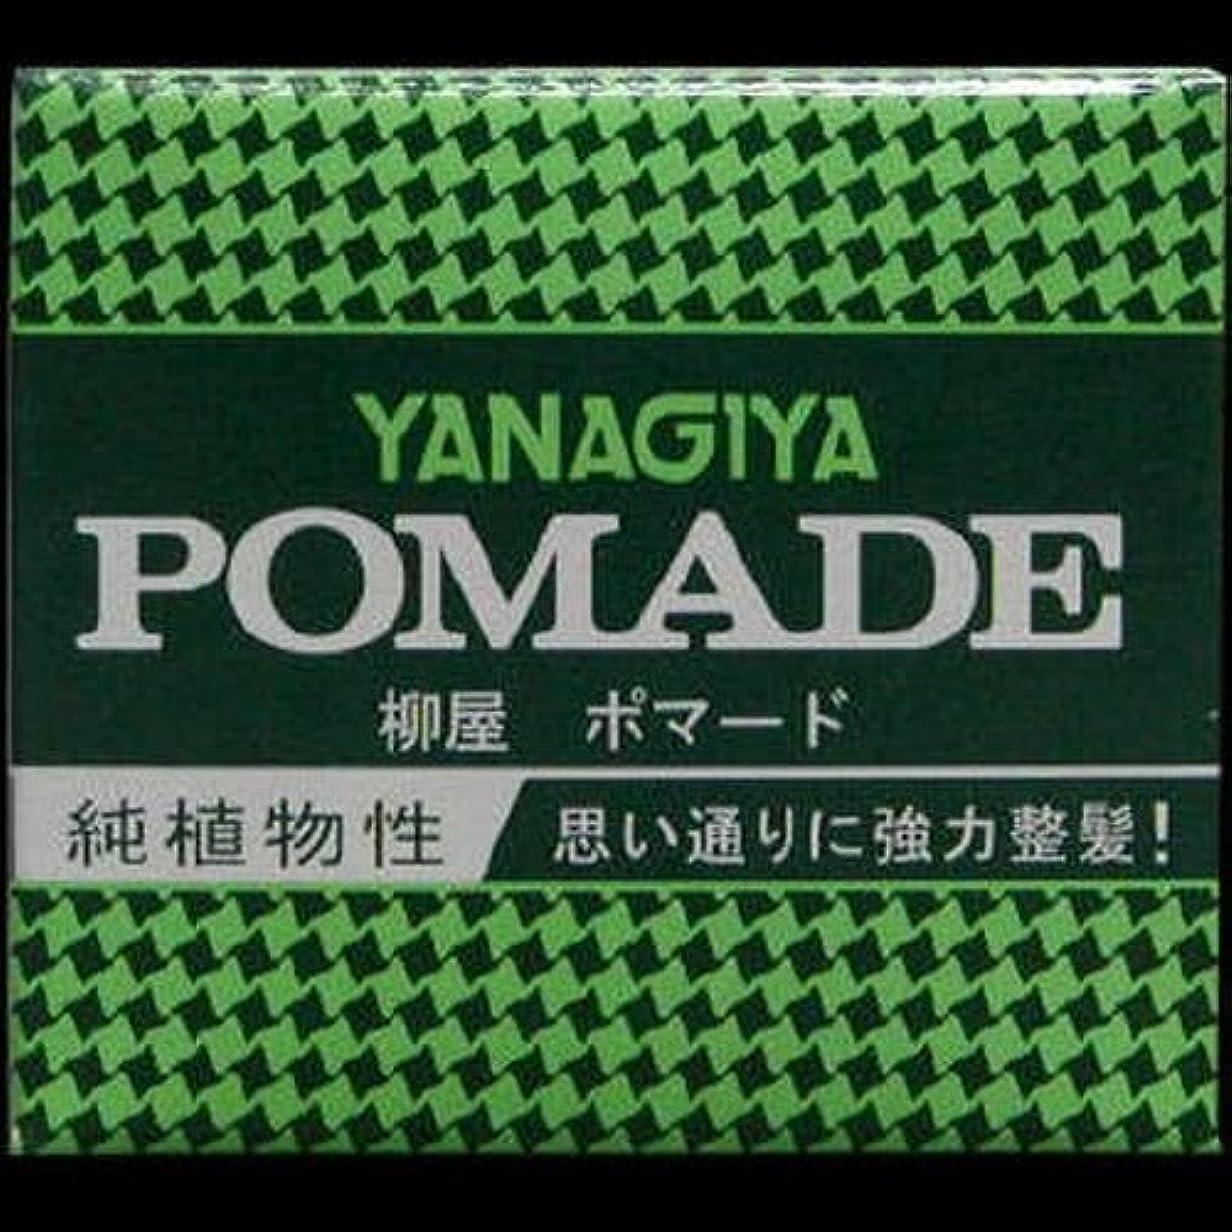 空洞同行思い出す【まとめ買い】柳屋 ポマード小 63g ×2セット